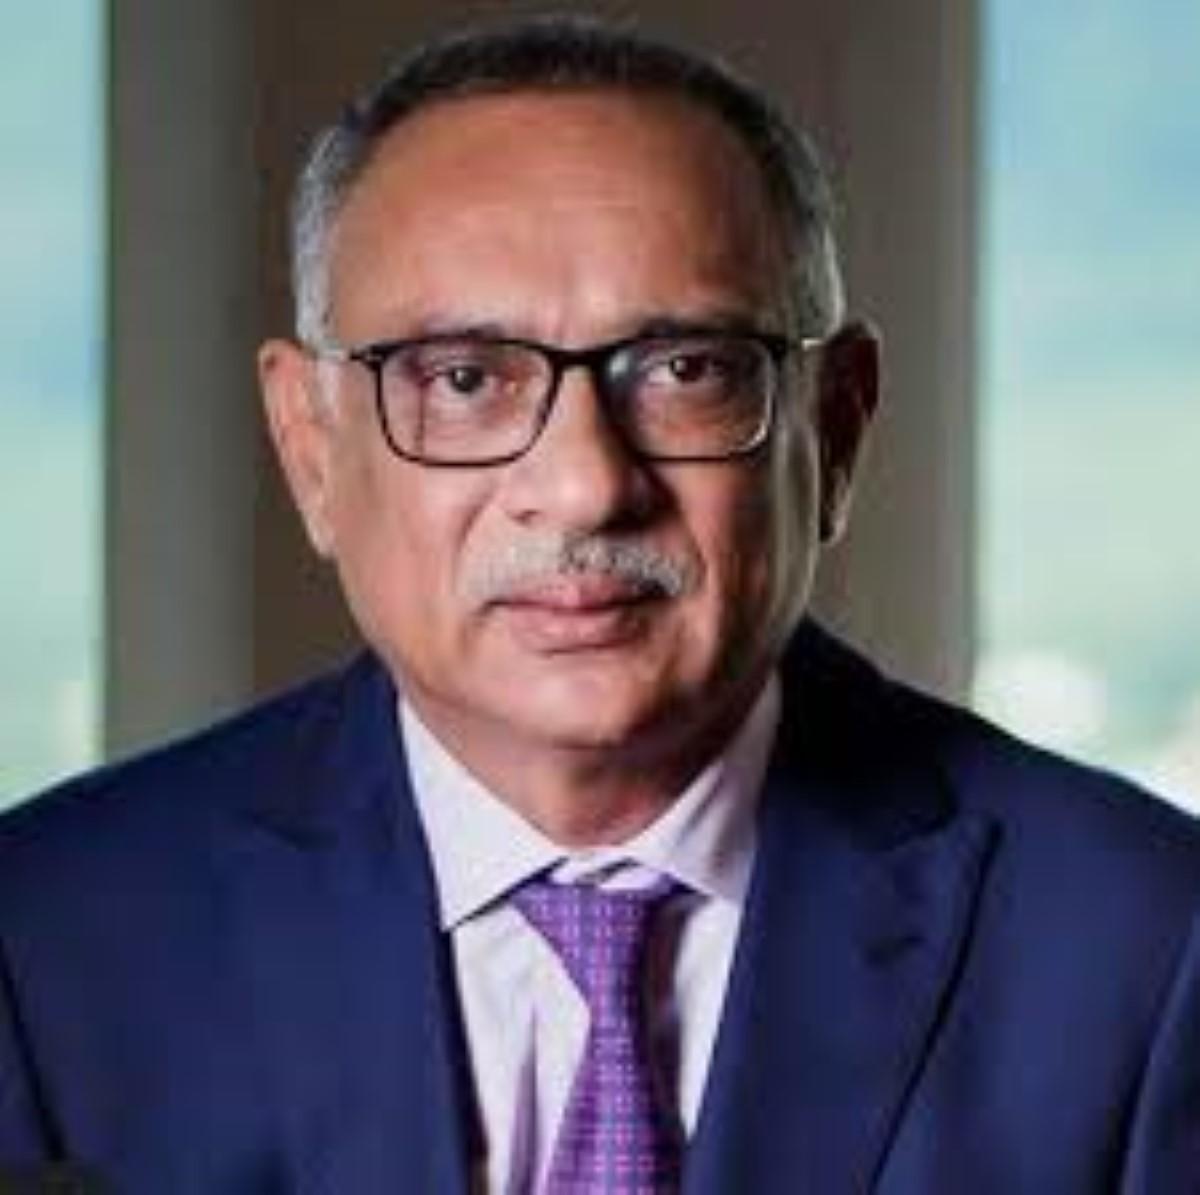 Air Mauritius se met sous administration volontaire et nomme Sattar Hajee Abdoula et Arvindsingh Gokhool comme administrateurs